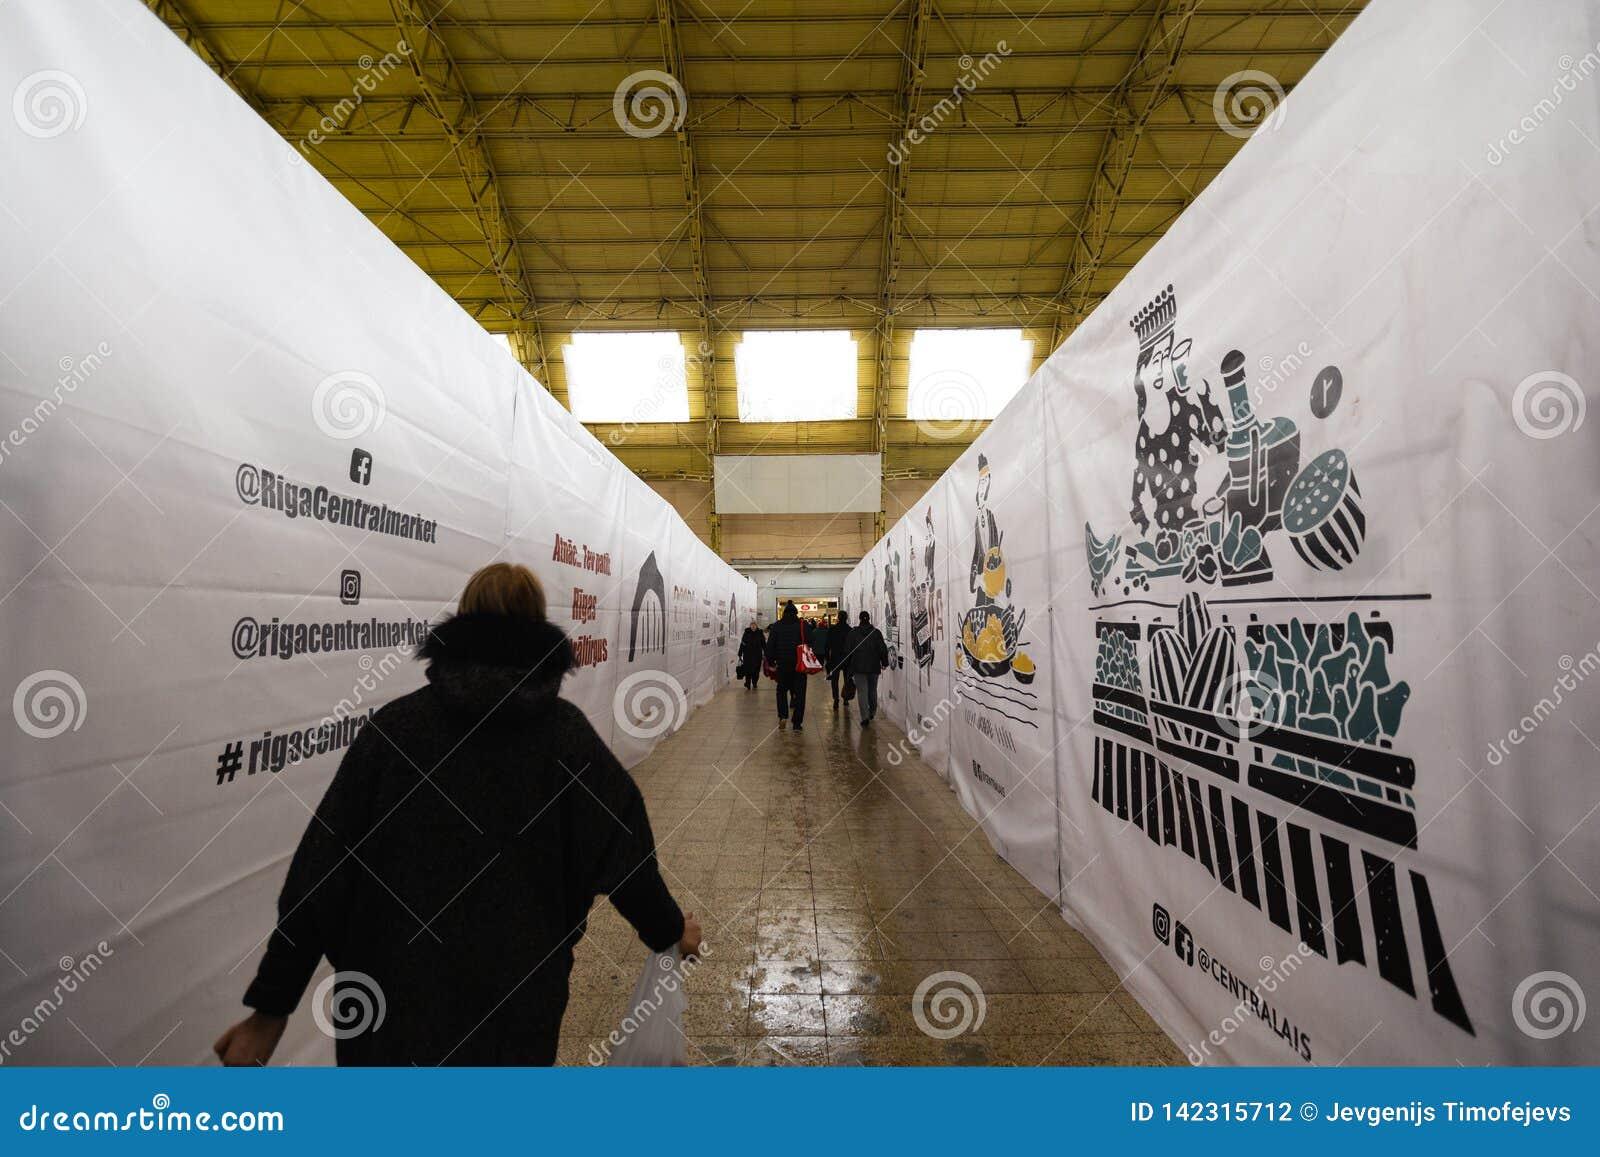 РИГА, ЛАТВИЯ - 16-ОЕ МАРТА 2019: Павильон центрального рынка Риги под конструкцией, людьми проходя - бывшим Зеппелином